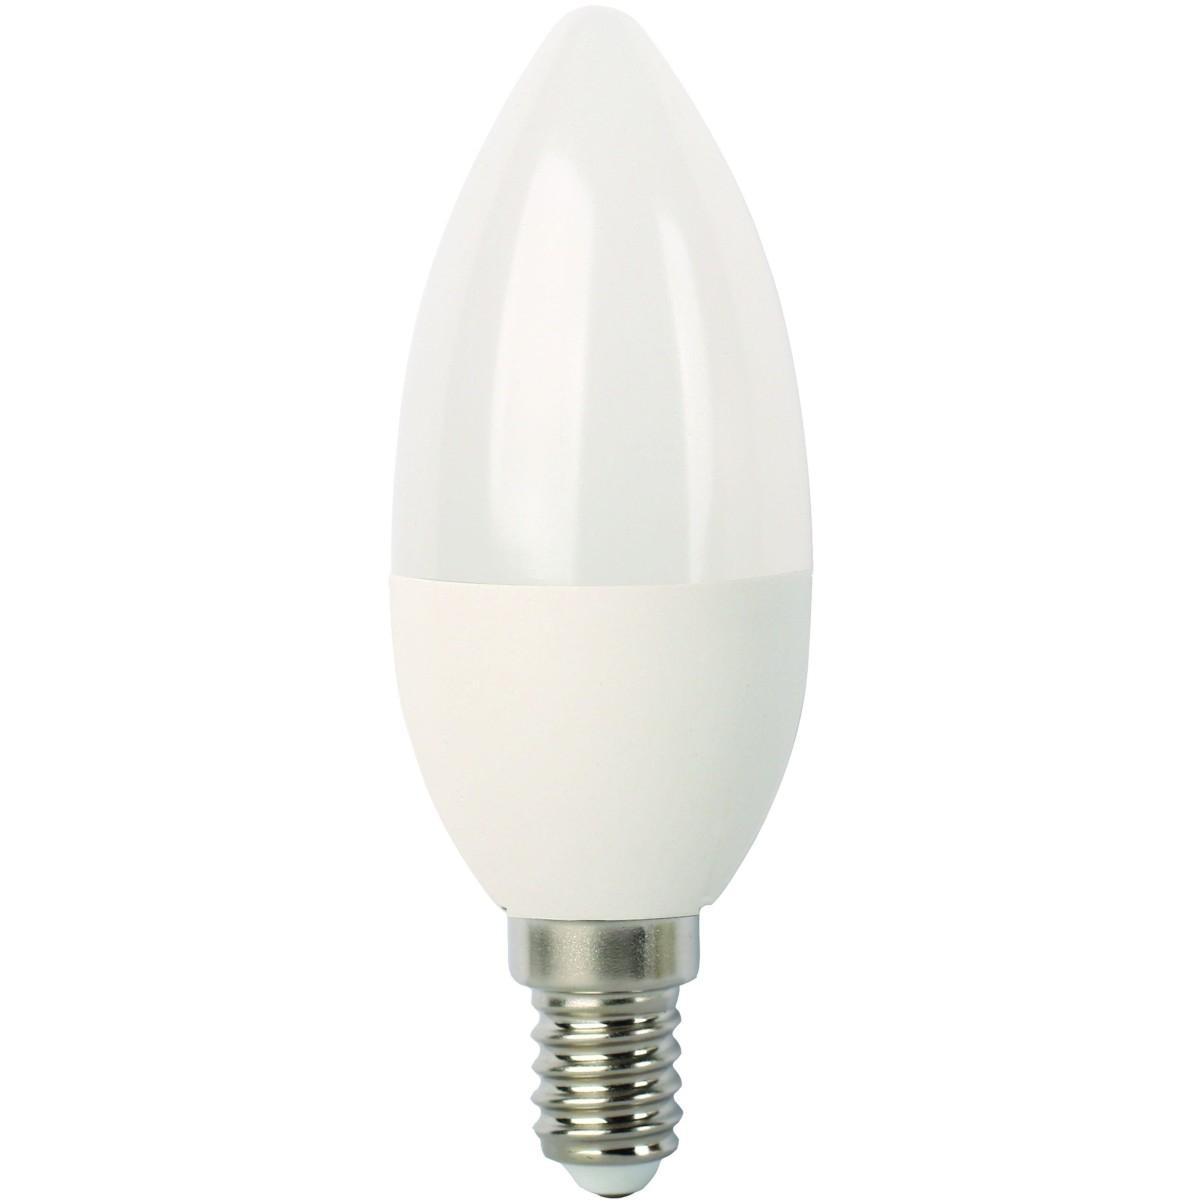 Лампа Ecola light светодионая E14 7 Вт свеча 560 Лм теплый свет